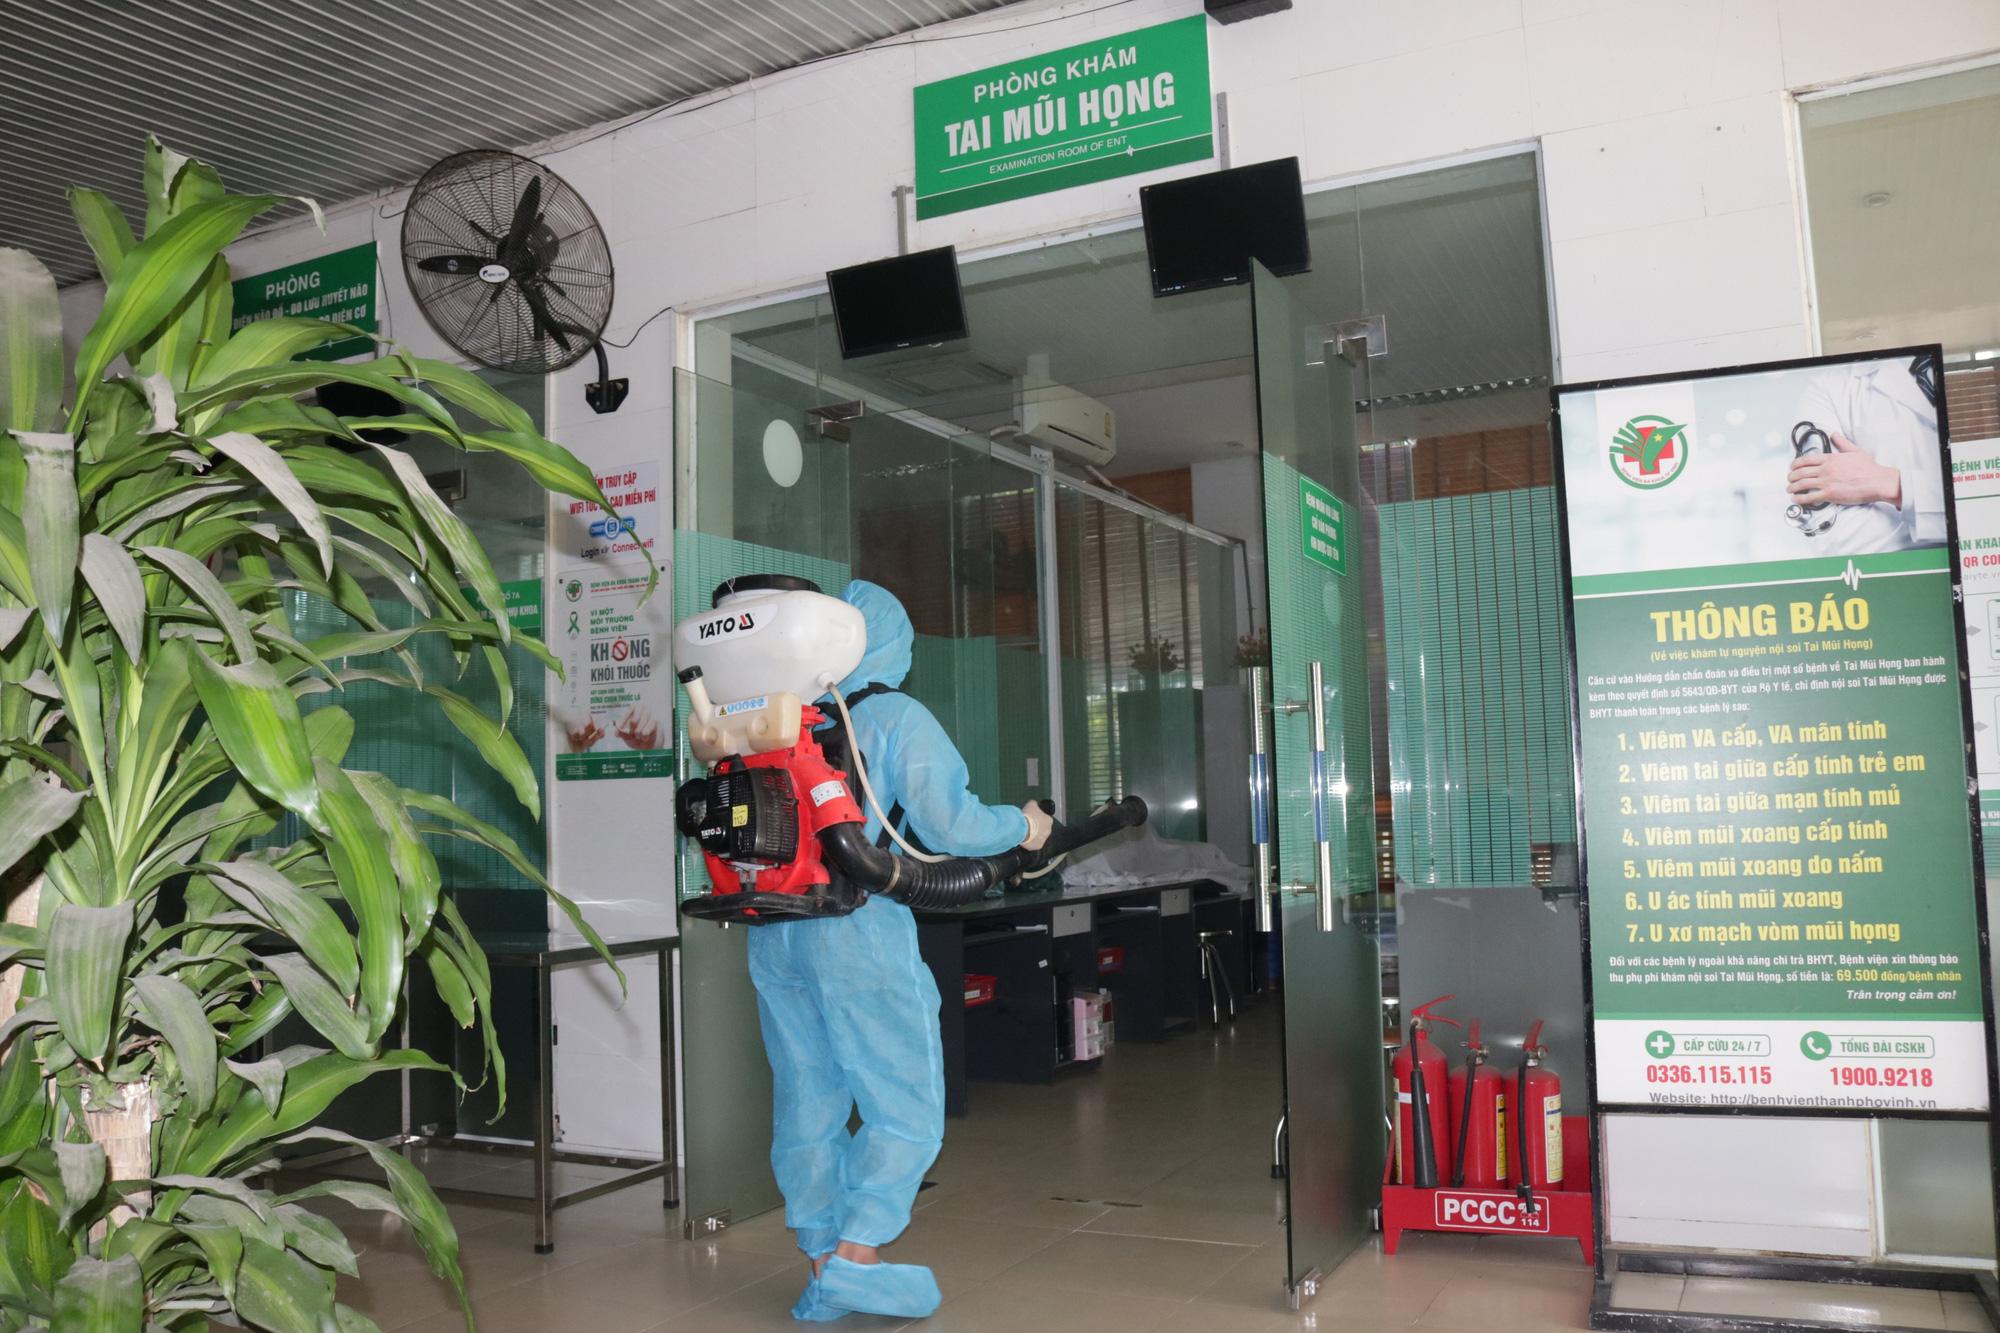 Diễn biến dịch ngày 17/6: Tổng trong ngày, Việt Nam ghi nhận 515 ca mới và 63 bệnh nhân khỏi  - Ảnh 7.